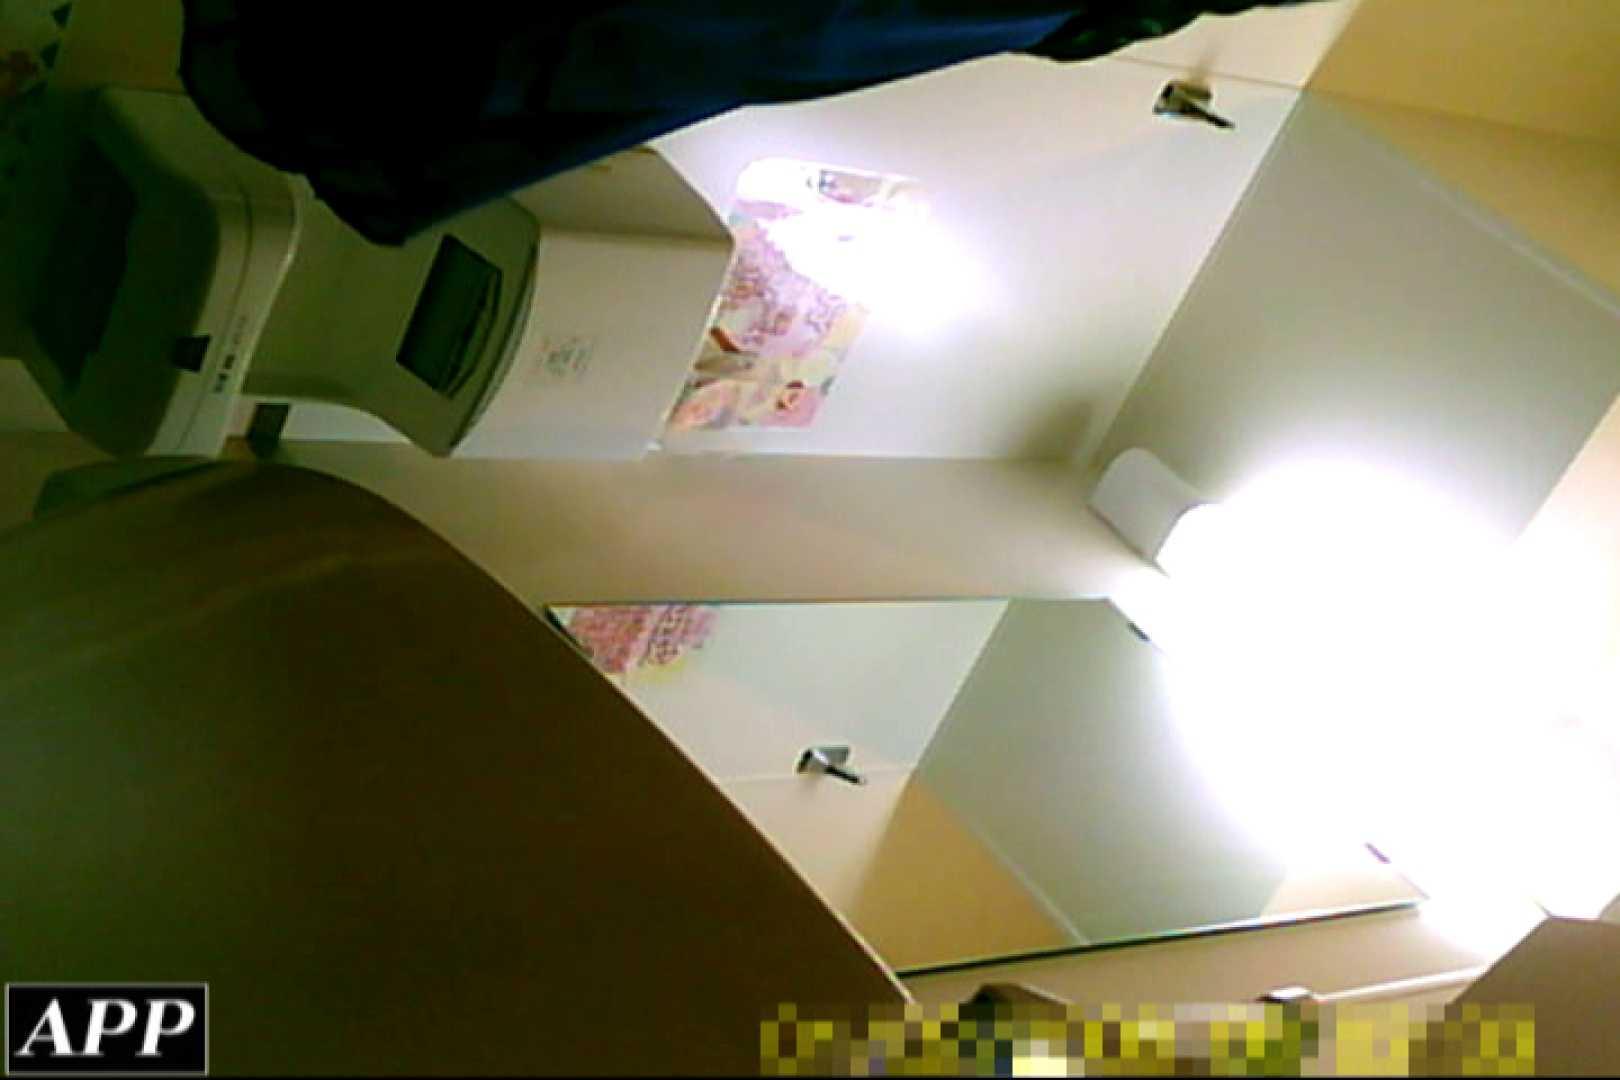 3視点洗面所 vol.06 お姉さん達のオマンコ おめこ無修正画像 87連発 30